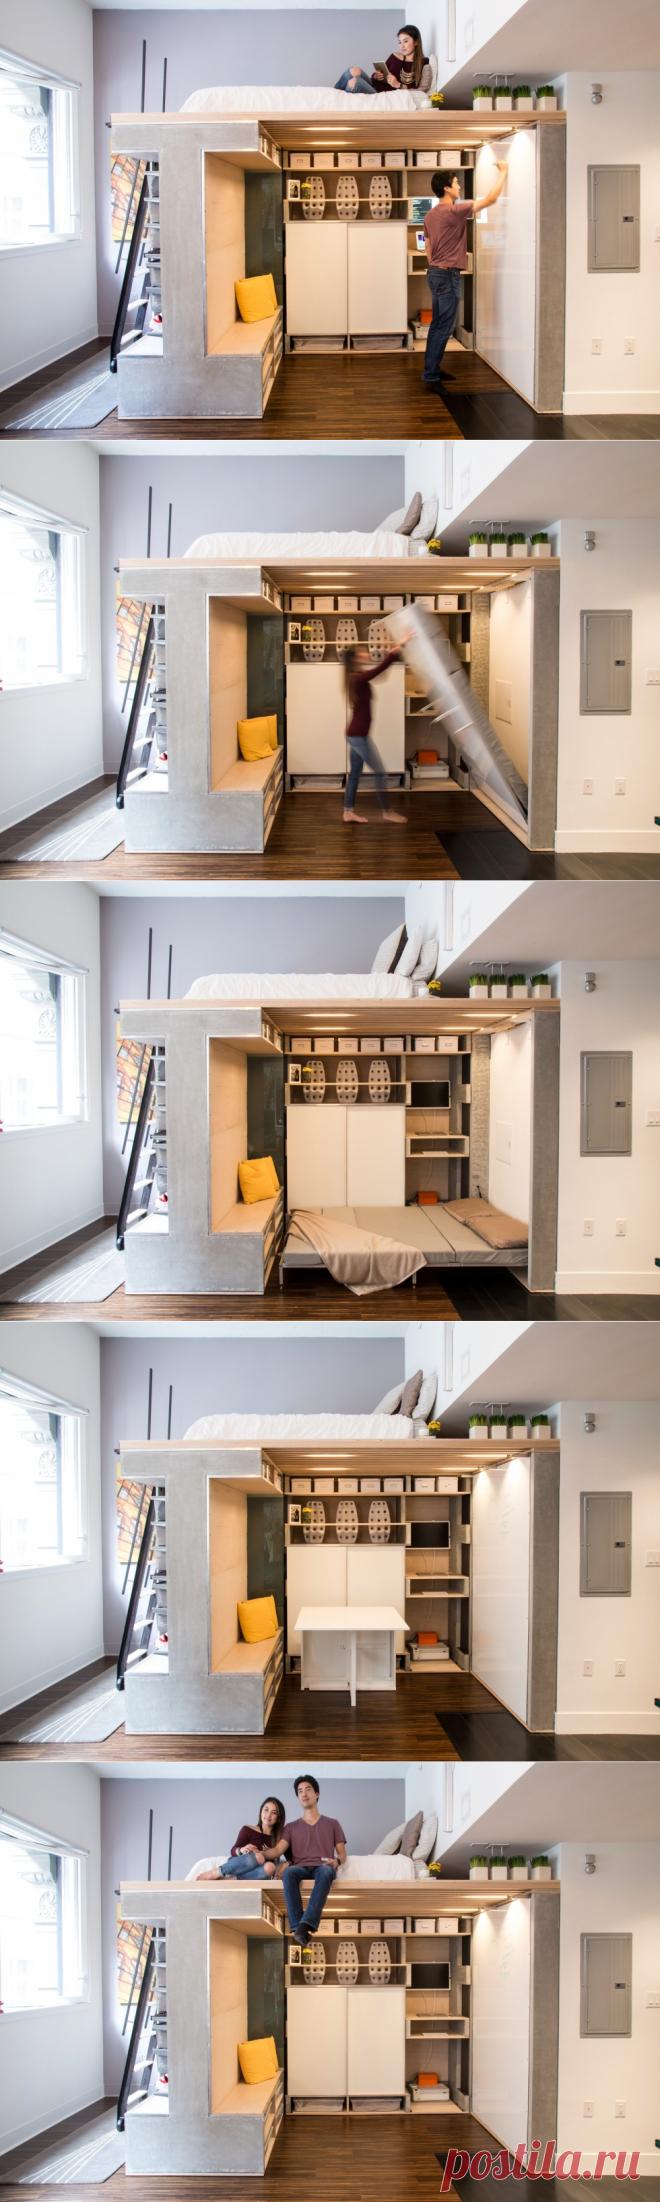 Функциональное решение в небольшой квартире - Дизайн интерьеров | Идеи вашего дома | Lodgers